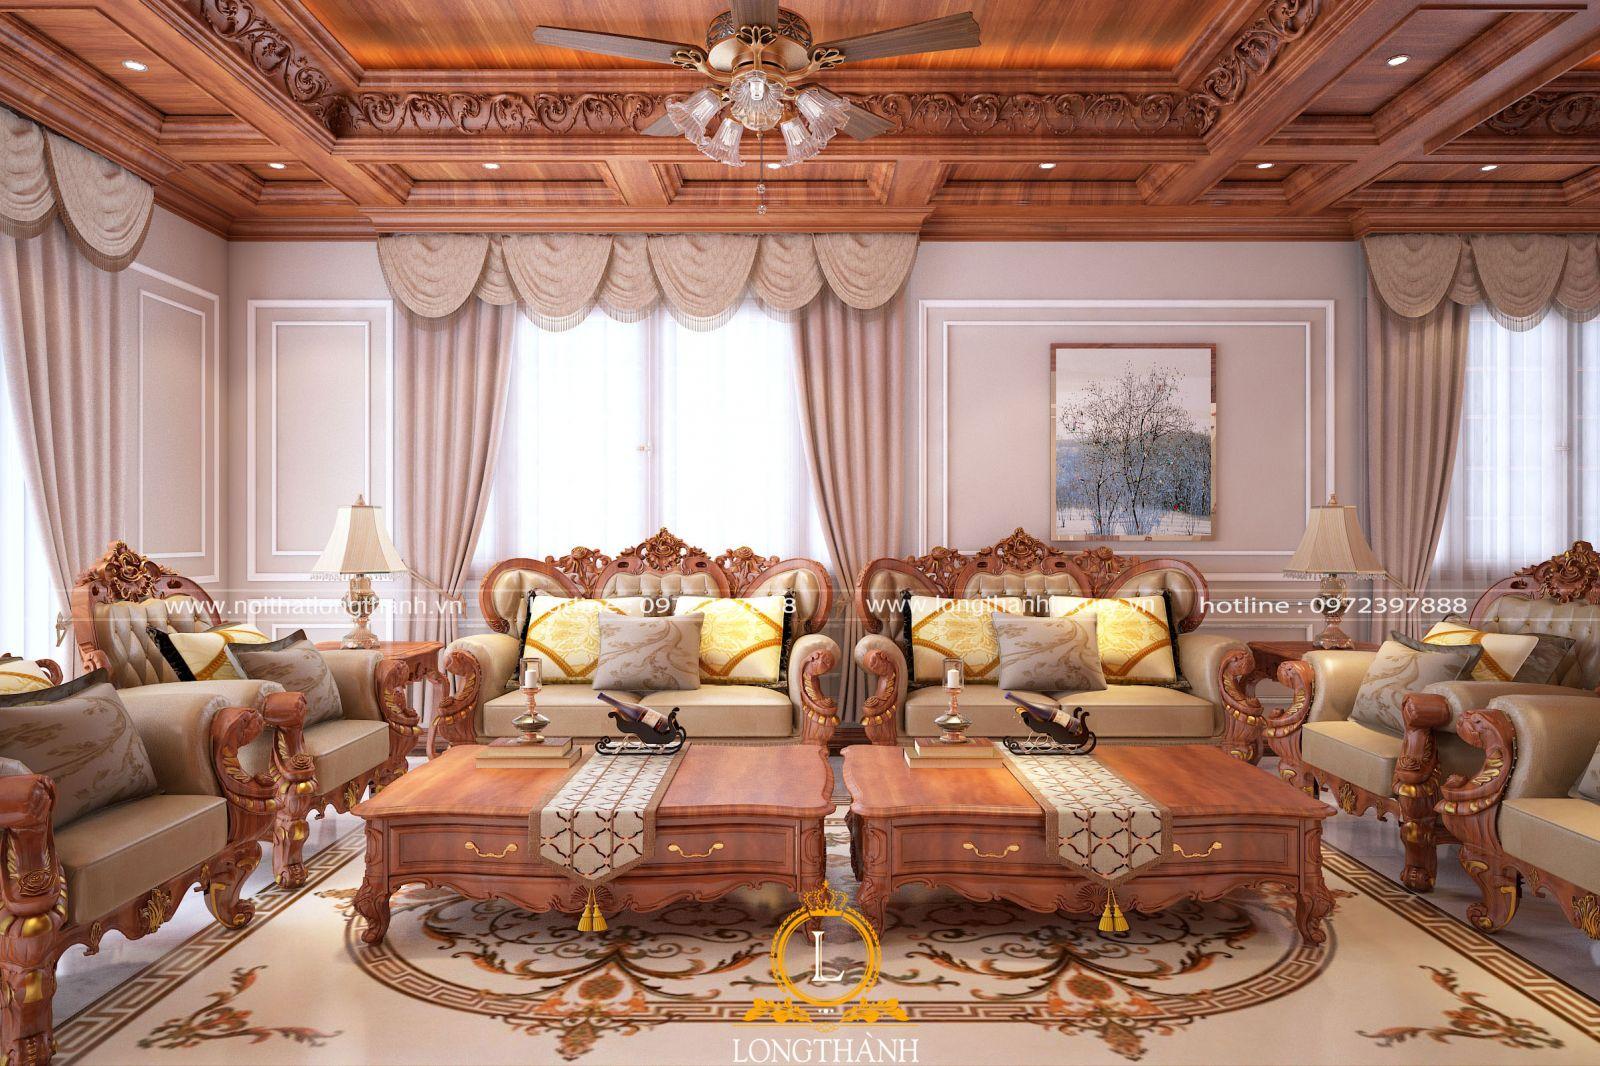 Mẫu sofa bọc da được thiết kế cầu kỳ phù hợp với không gian phòng khách rộng